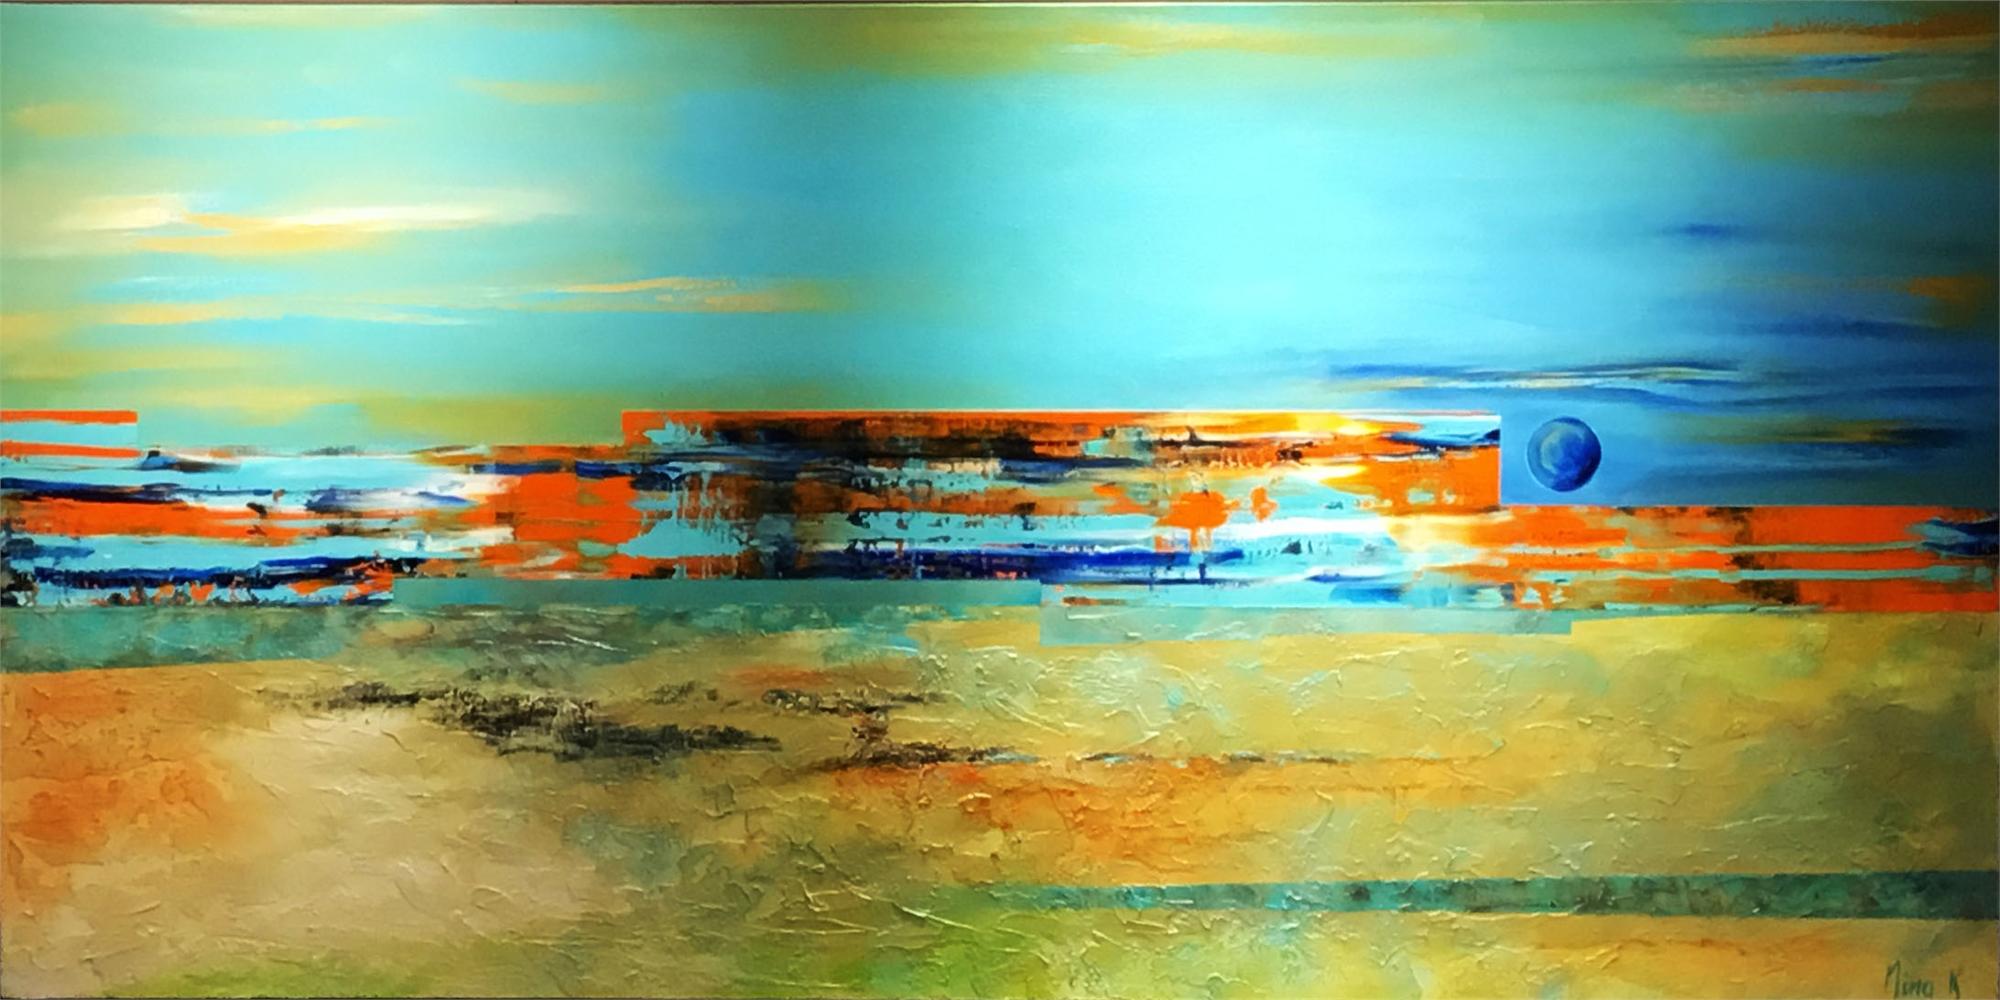 On the Horizon by Nina K